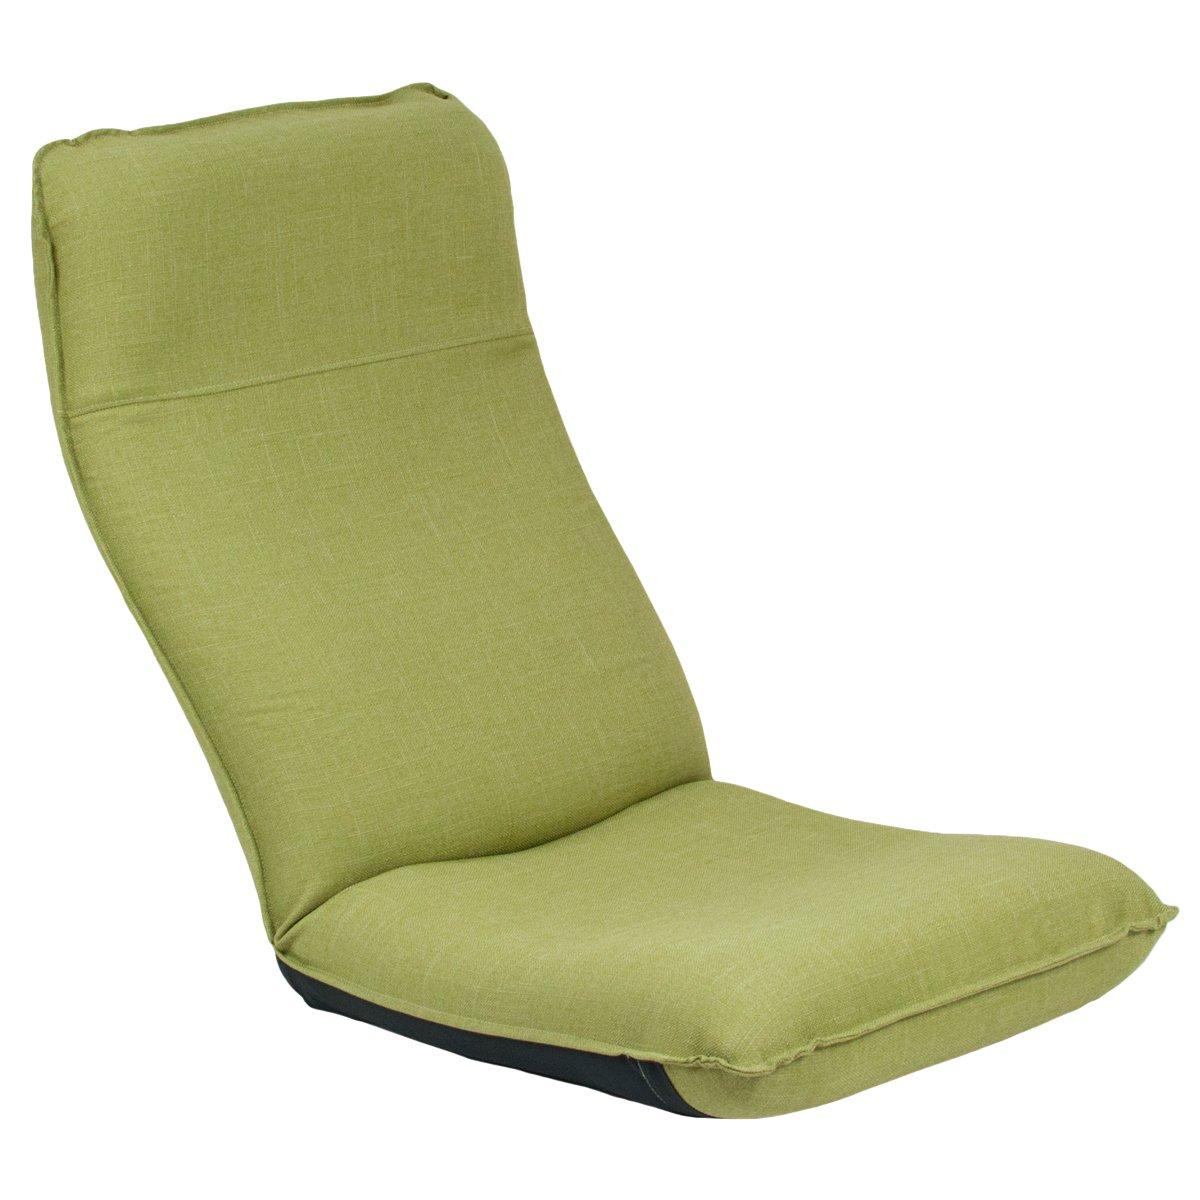 座椅子 産学連携 ヘッドレスト付き座椅子 CBC313 グリーン 日本製 ymz-099 B016CTXULI グリーン グリーン